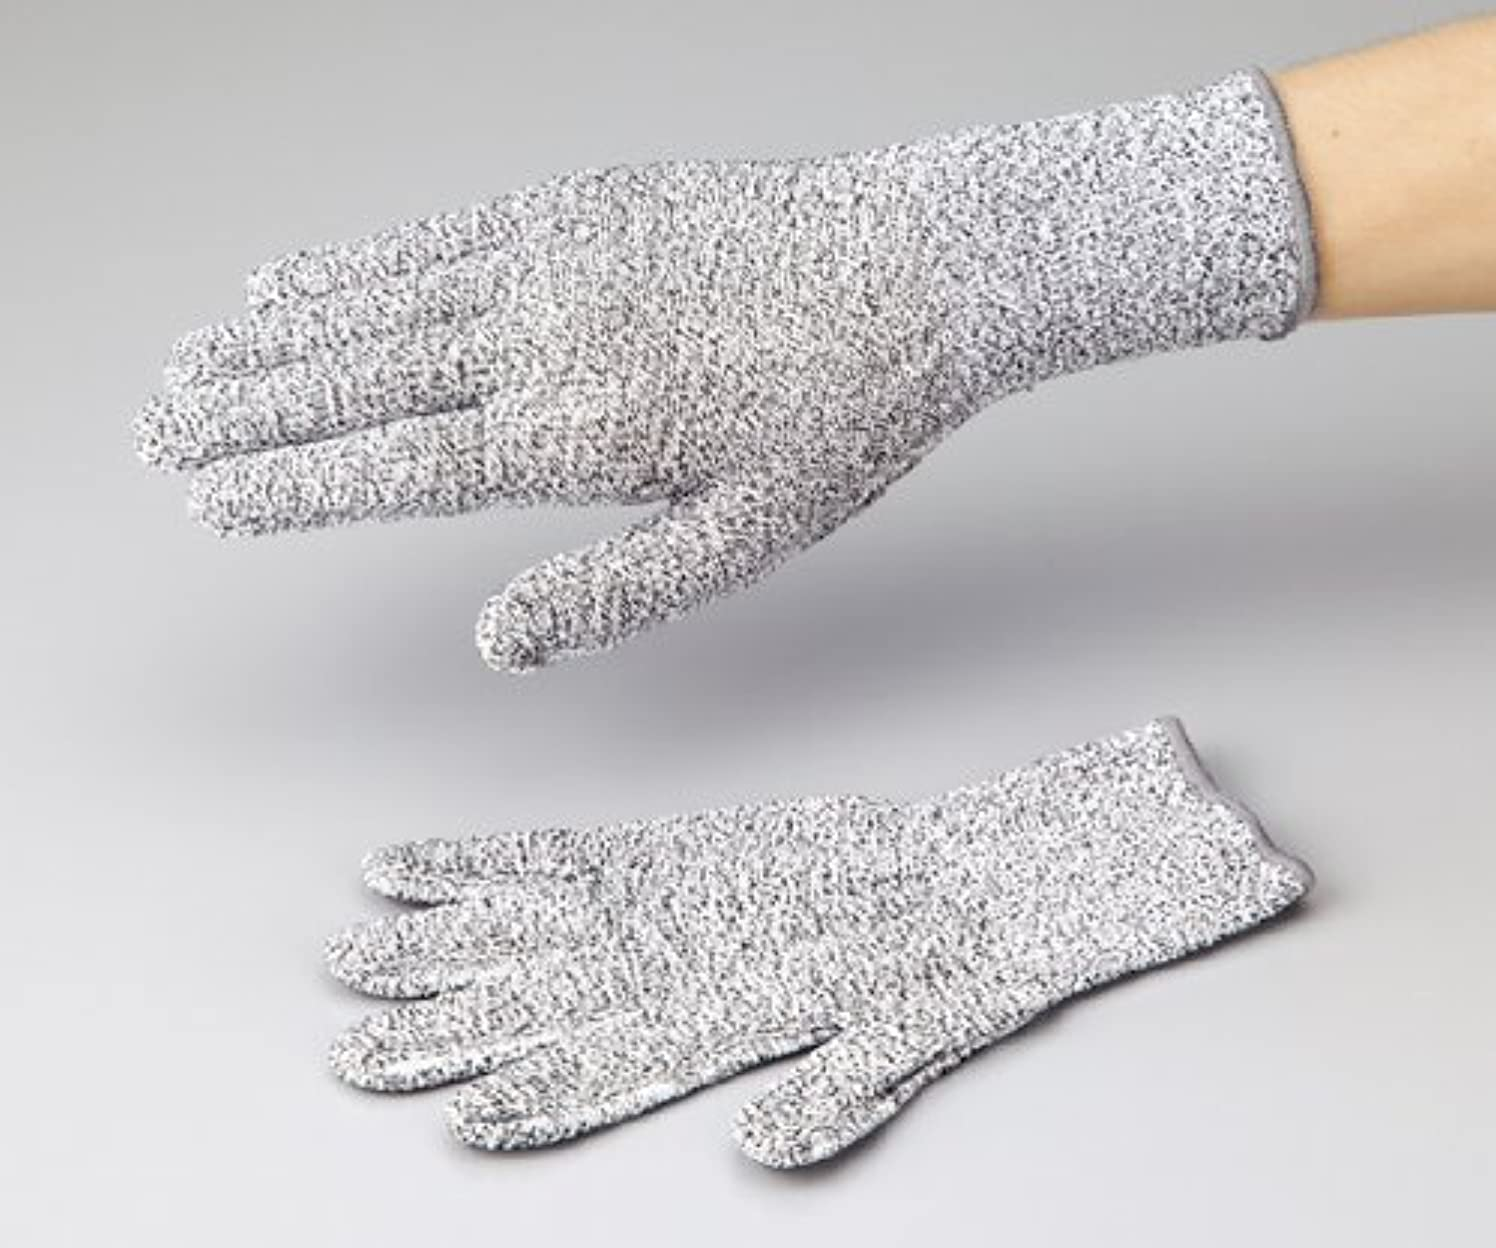 ハミングバード咳回転させるアズワン1-272-01アズセーフ耐切創手袋コーティング無しLカットレベル3